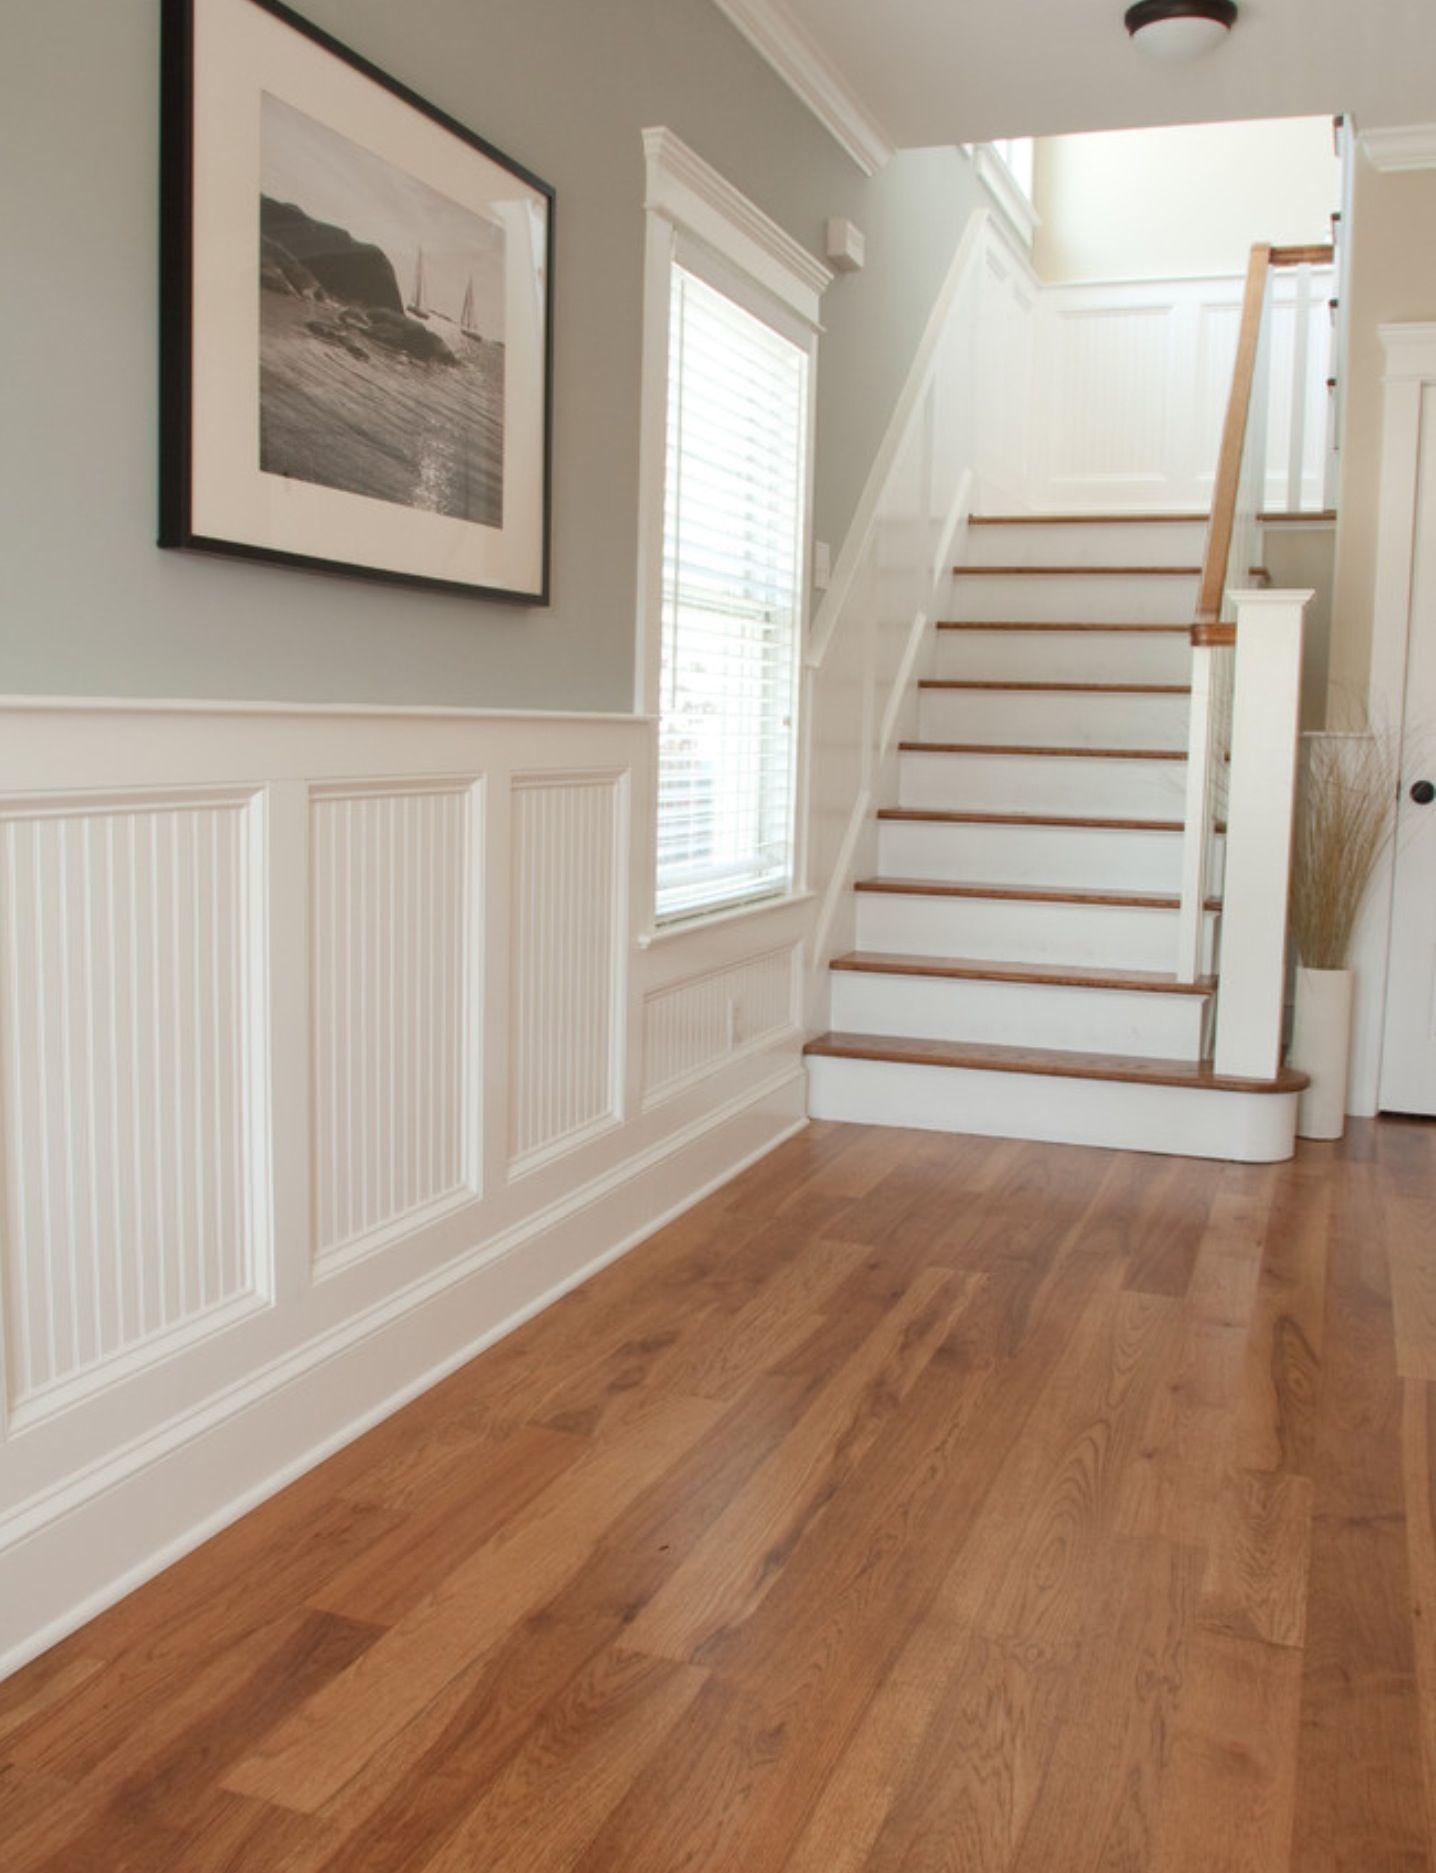 Wainscoting stairway with handrail wainscoting wood darkwainscoting